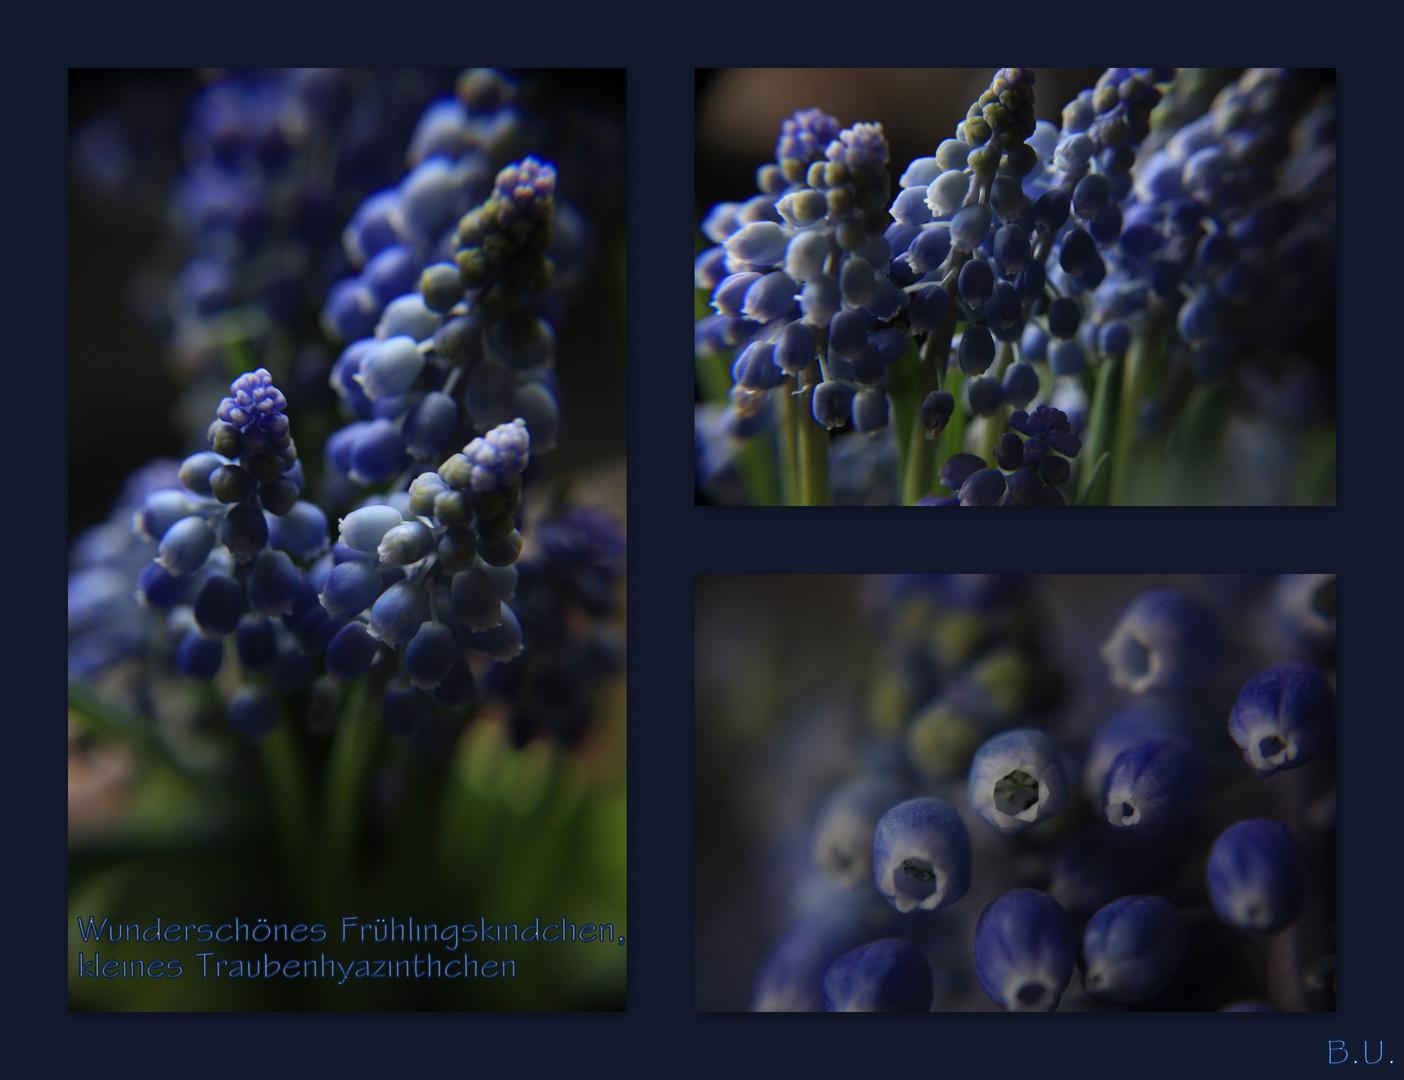 Wunderschönes Frühlingskindchen...